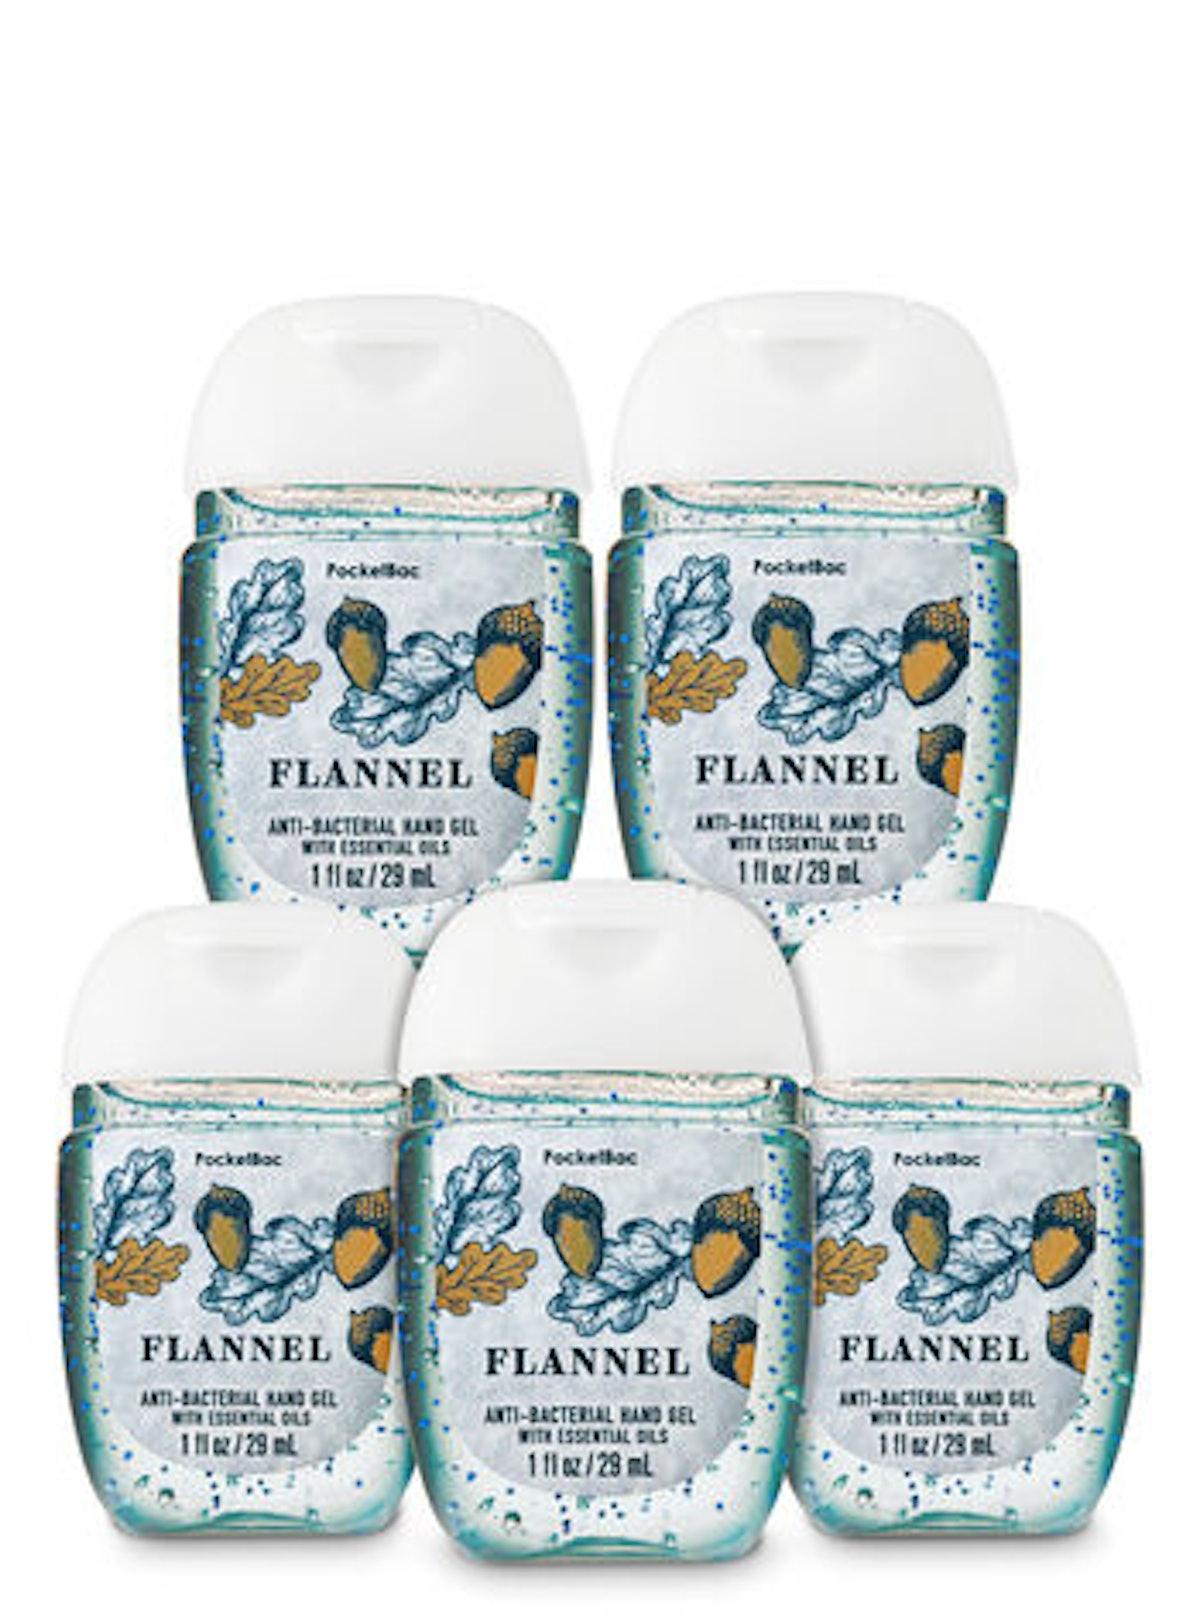 Flannel PocketBac Hand Sanitizer, Five-Pack